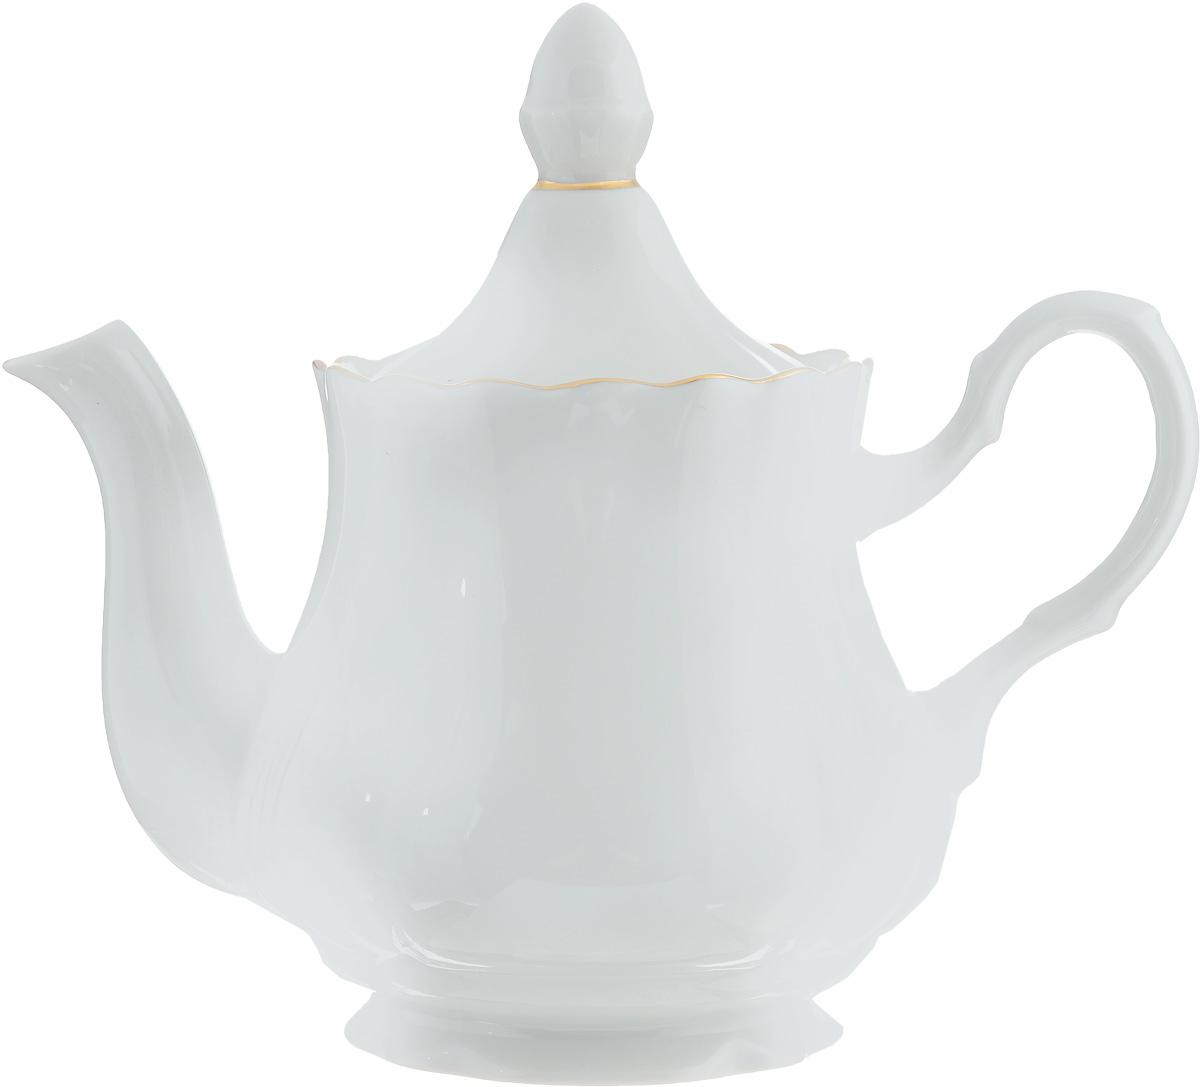 Чайник заварочный Романс, 800 мл заварочный чайник seong hoo dang